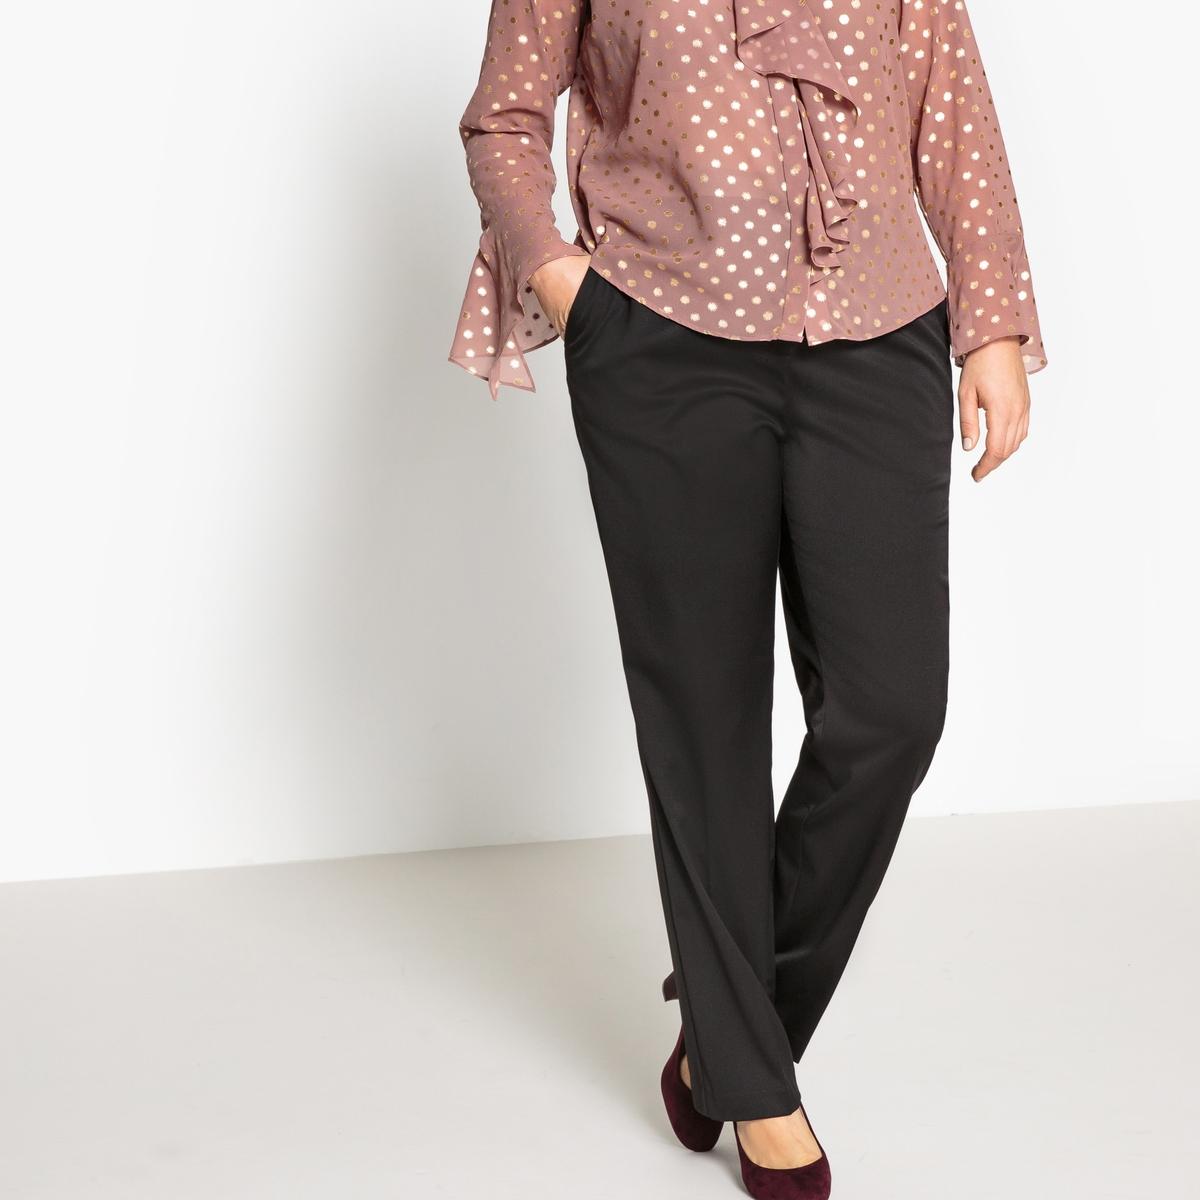 Брюки прямыеОписание:Роскошные прямые брюки из сатина. В сочетании с блузкой или топом эти брюки  из сатина будут идеальны для вечеринки. Детали •  Прямой покрой •  Стандартная высота поясаСостав и уход •  33% вискозы, 3% эластана, 64% полиэстера •  Температура стирки при 30° на деликатном режиме  •  Сухая чистка и отбеливание запрещены • Барабанная сушка на слабом режиме   •  Низкая температура глажки Товар из коллекции больших размеров •  Длина по внутр.шву 80 см, ширина по низу 23,5 см<br><br>Цвет: черный<br>Размер: 52 (FR) - 58 (RUS)